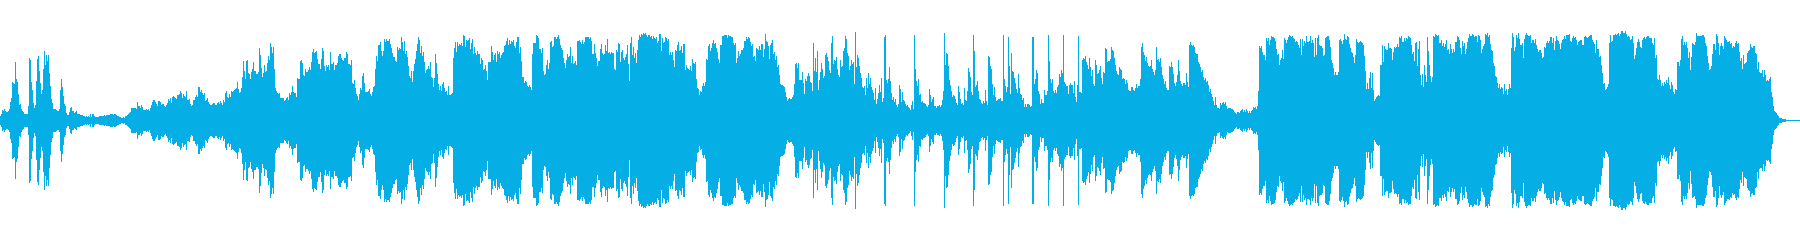 雲南省での体験を元に作成した曲ですの再生済みの波形